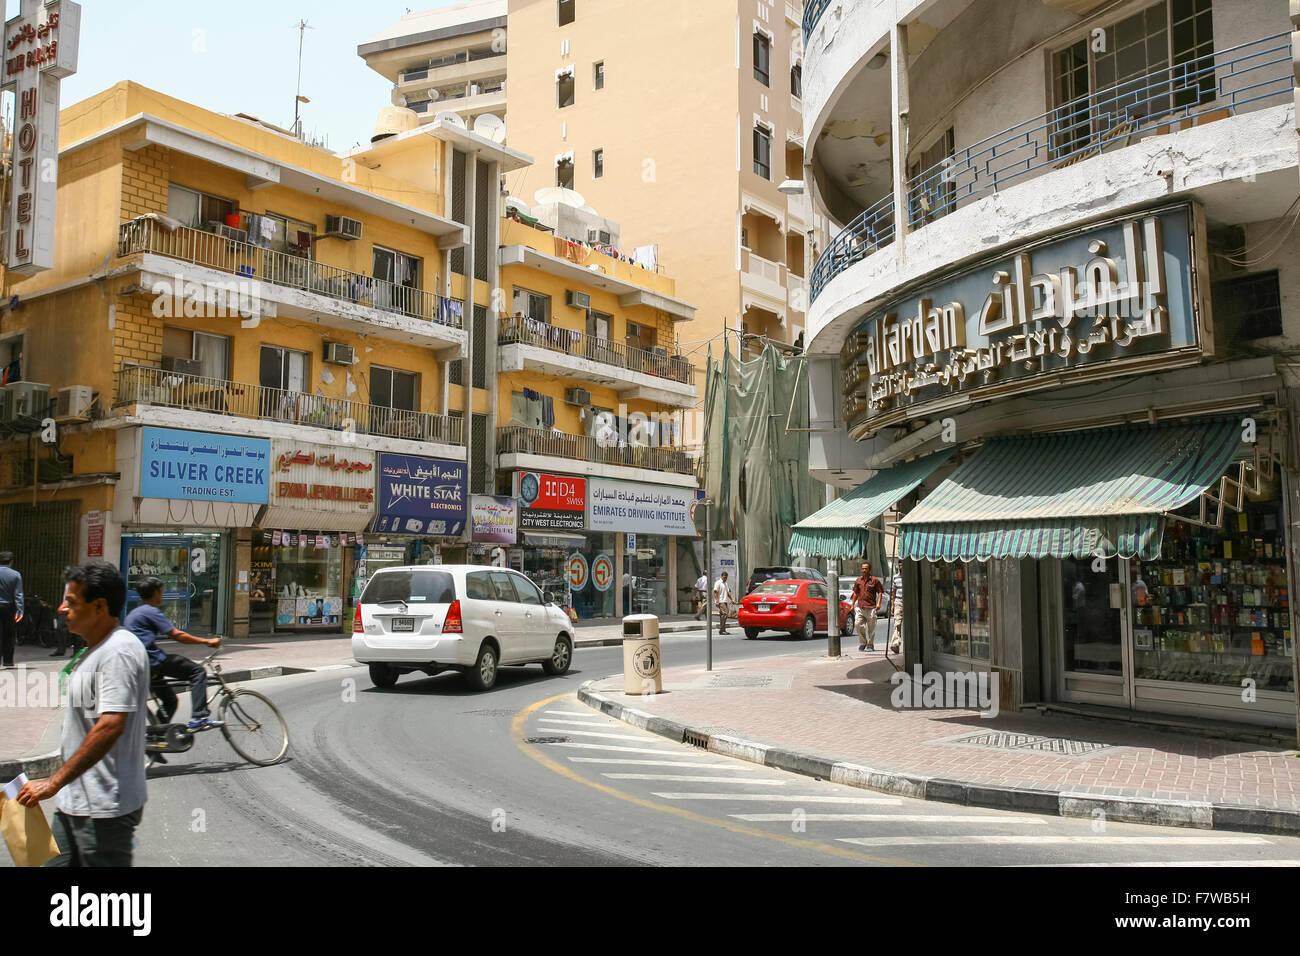 Elektronik-Fachgeschäften in Bur Dubai Souk, Dubai, Vereinigte Arabische Emirate Stockbild